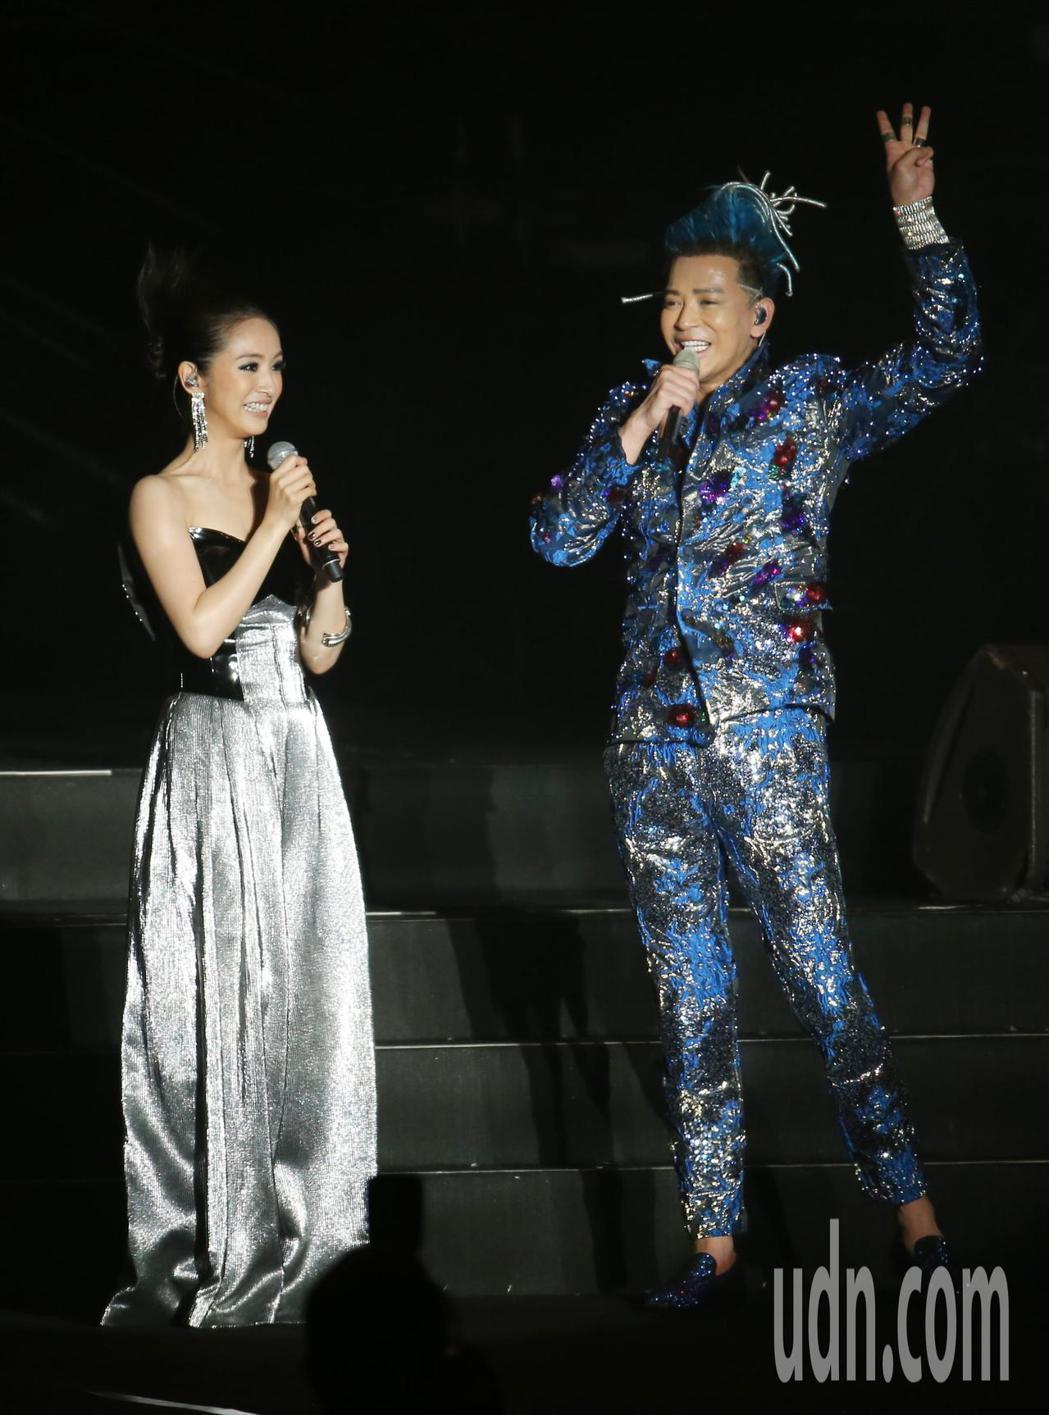 陳曉東(右)晚間在南港展覽館舉辦演唱會,他與特別嘉賓林依晨(左)合唱「突然心動」...